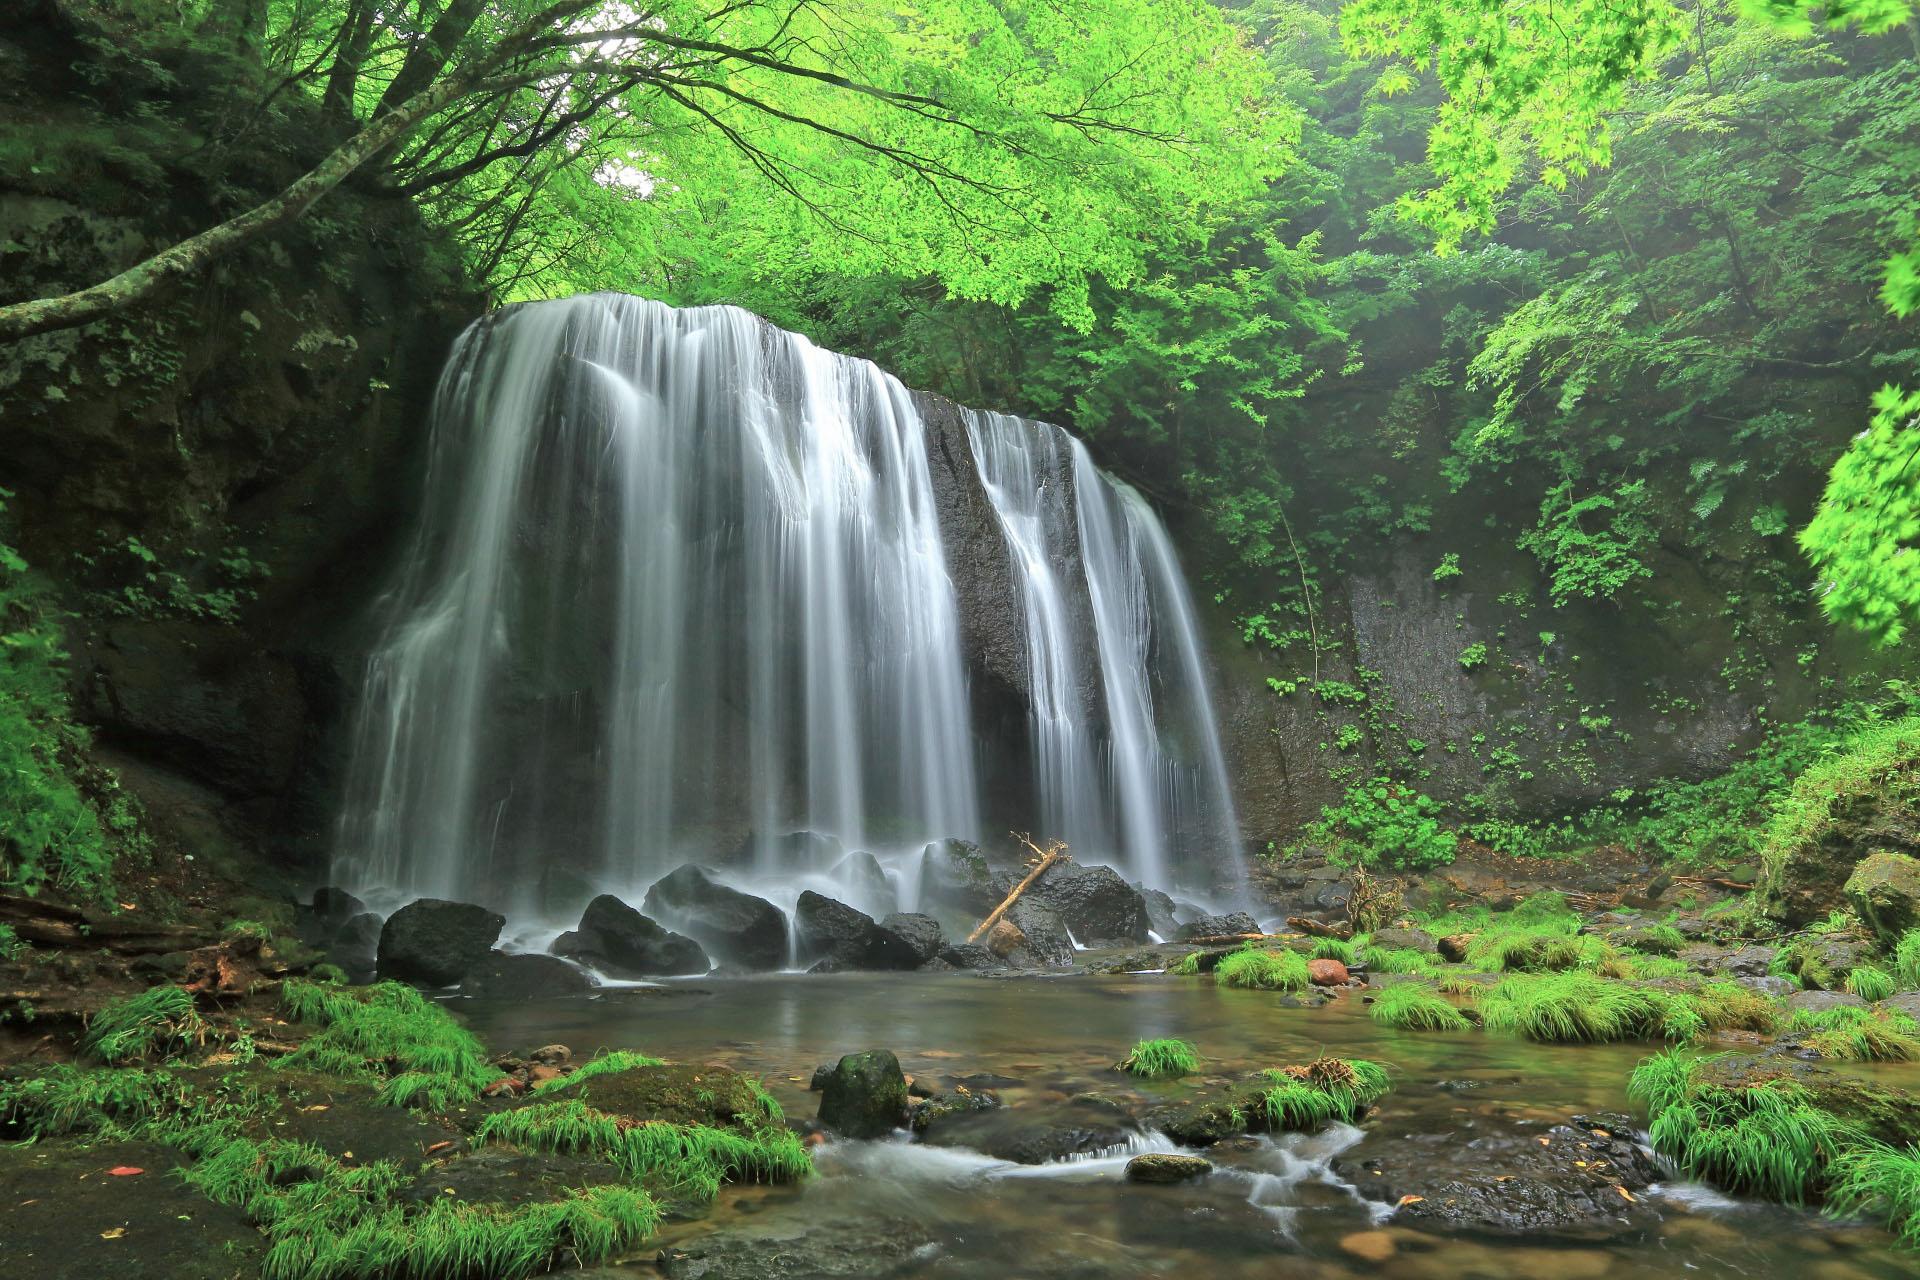 達沢不動滝 福島の風景